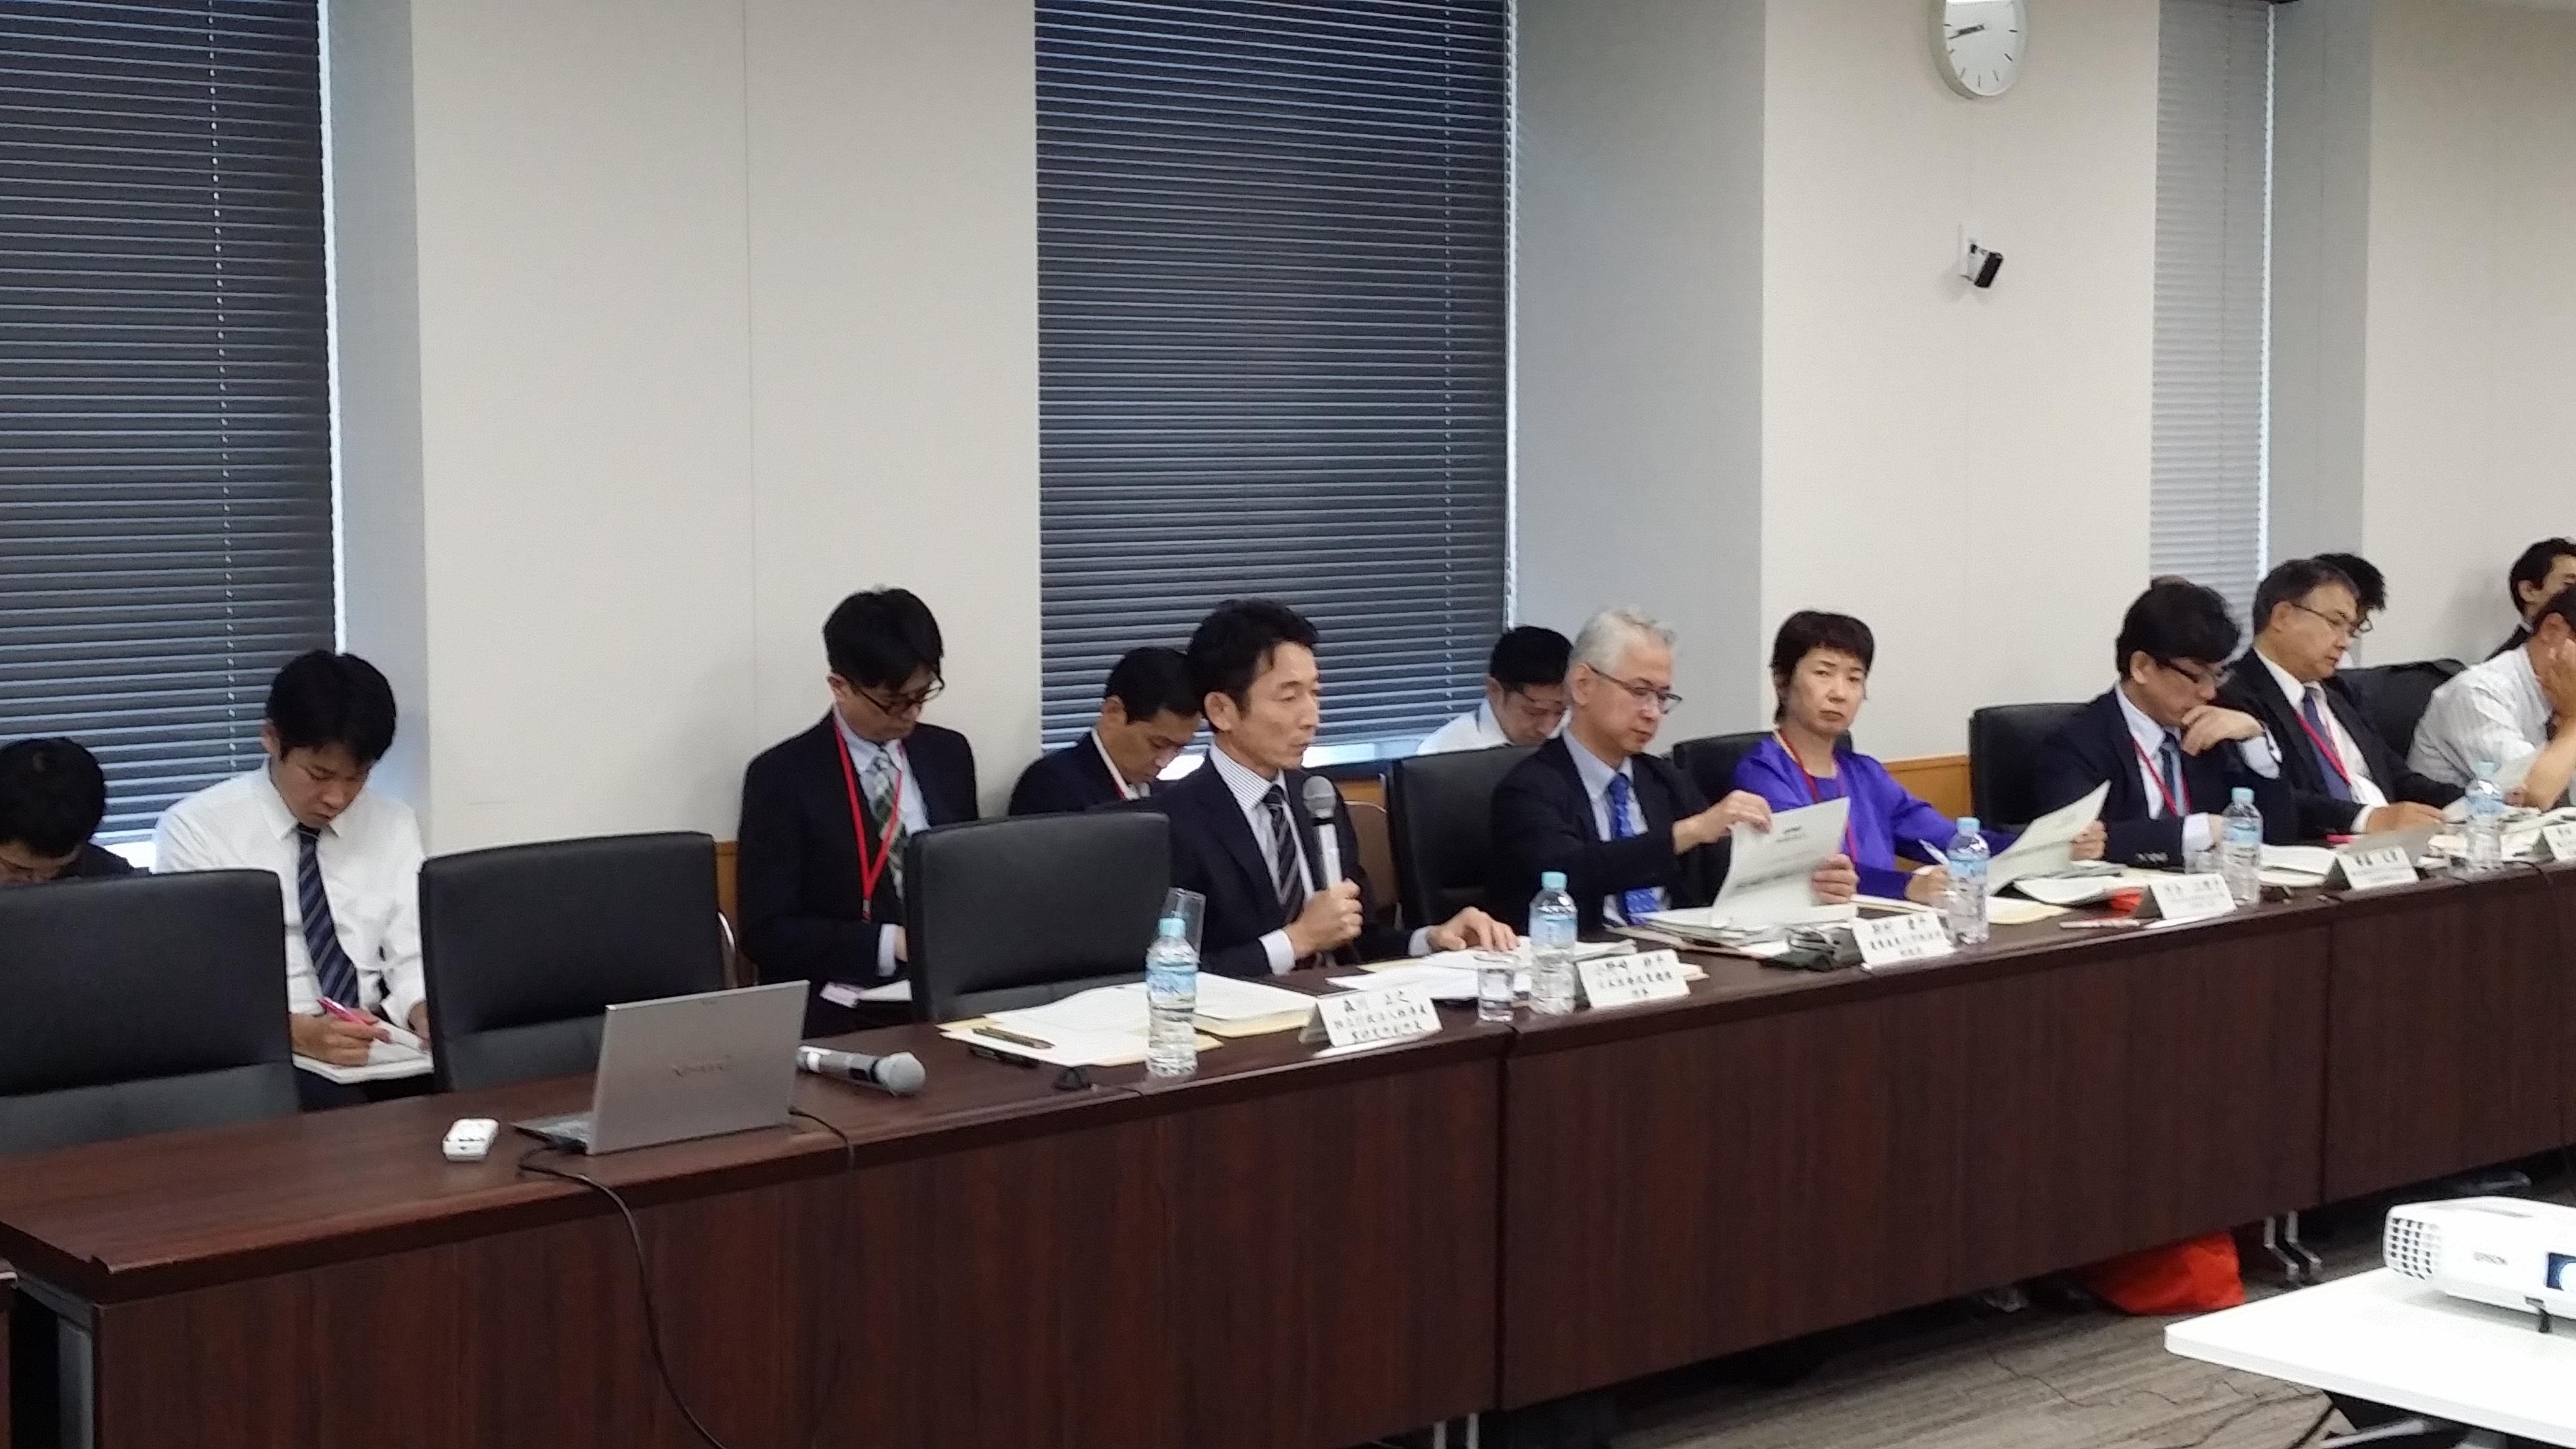 (講演)経済財政諮問会議「2030年展望と改革タスクフォース(第2回)」におけるプレゼンテーション(2016年10月20日)